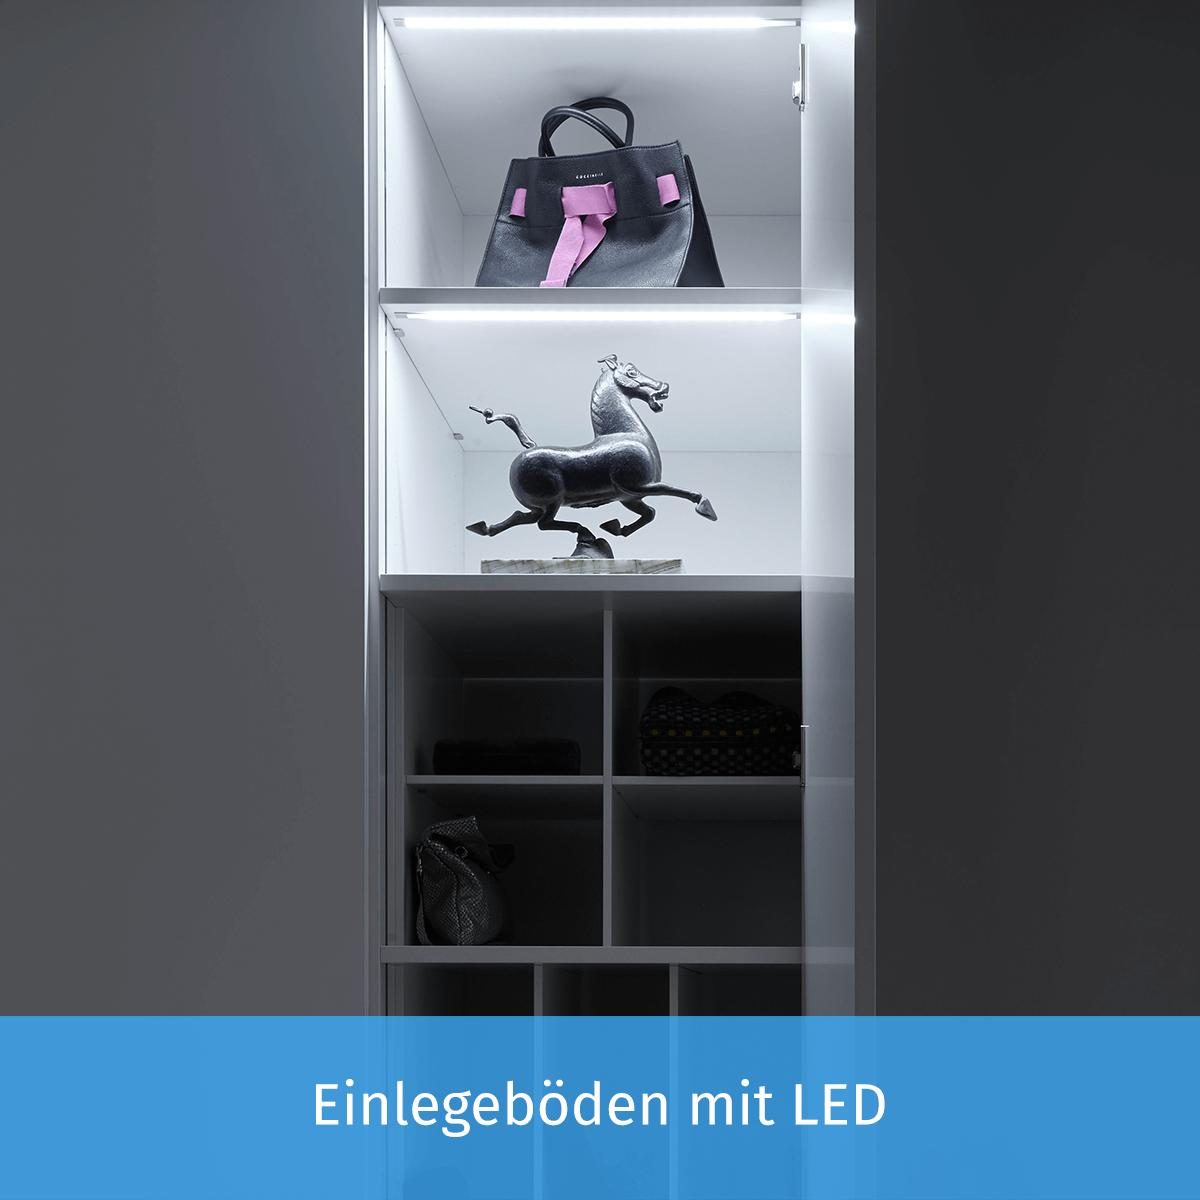 Einlegeböden mit LED